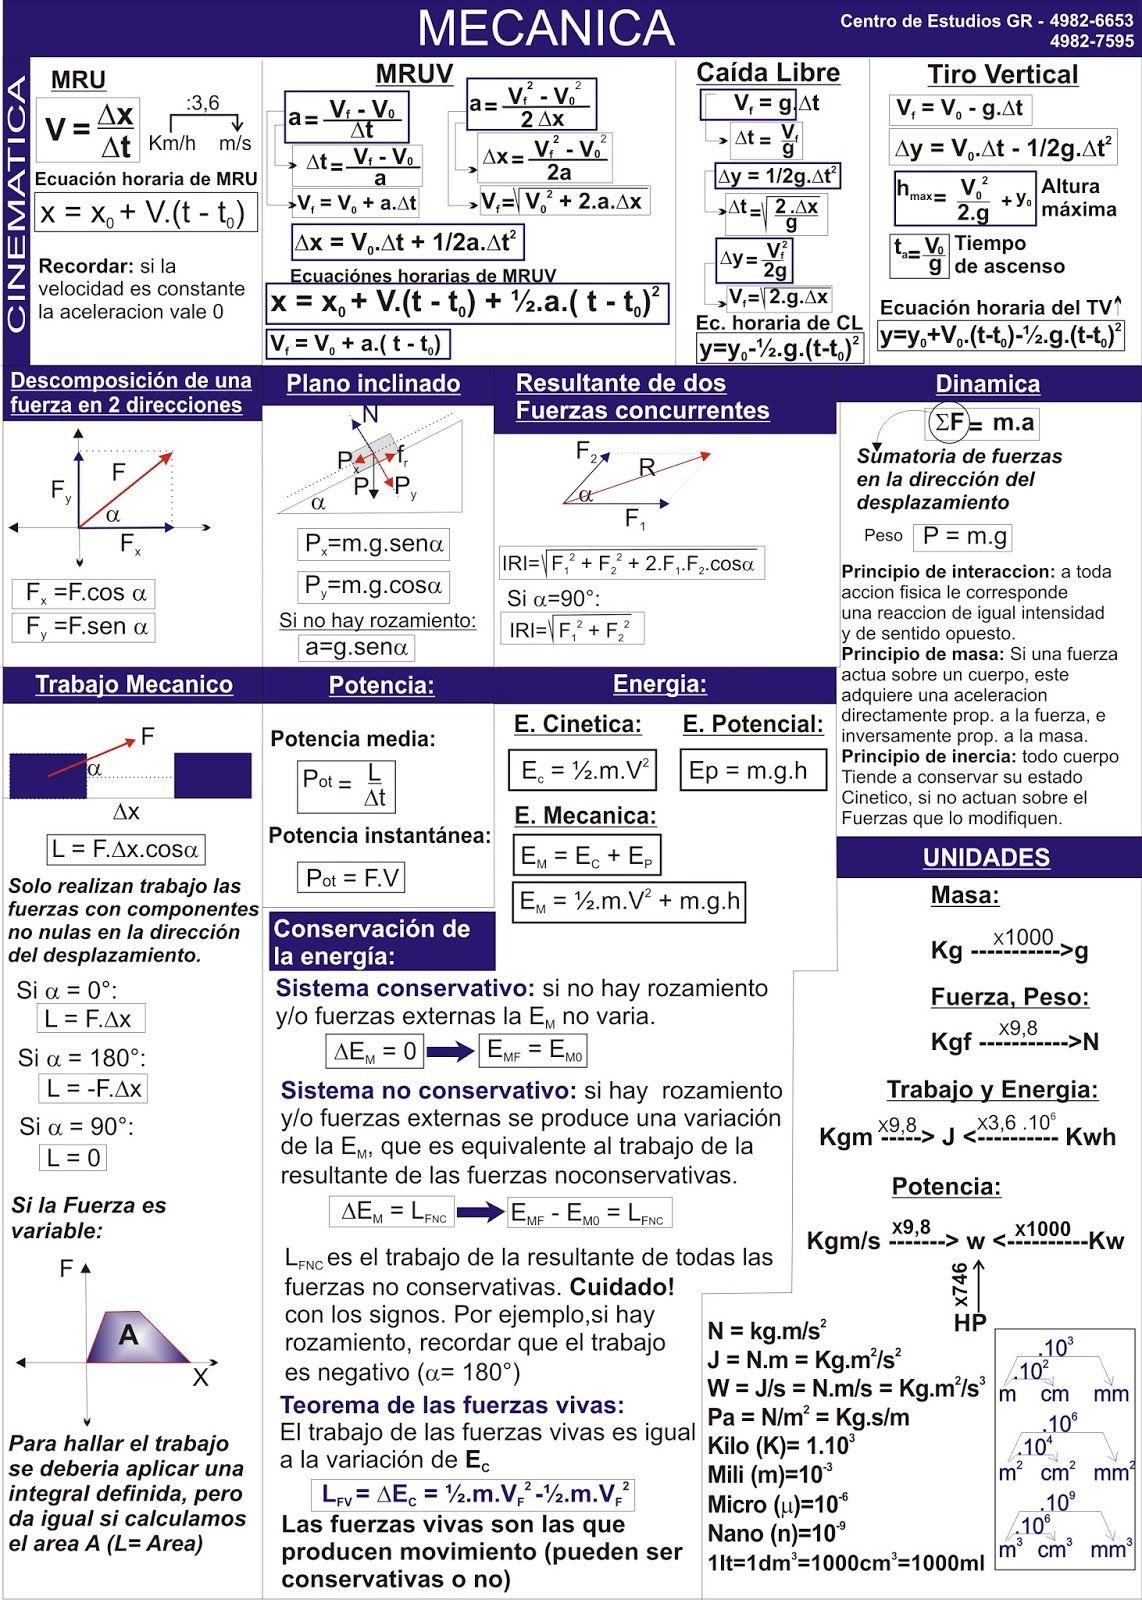 Biofisica Quimica Matematica Cbc Hojas De Formulas Para Los Parciales De Biofisica Ensenanza De Quimica Libros De Matematicas Fisica Formulas